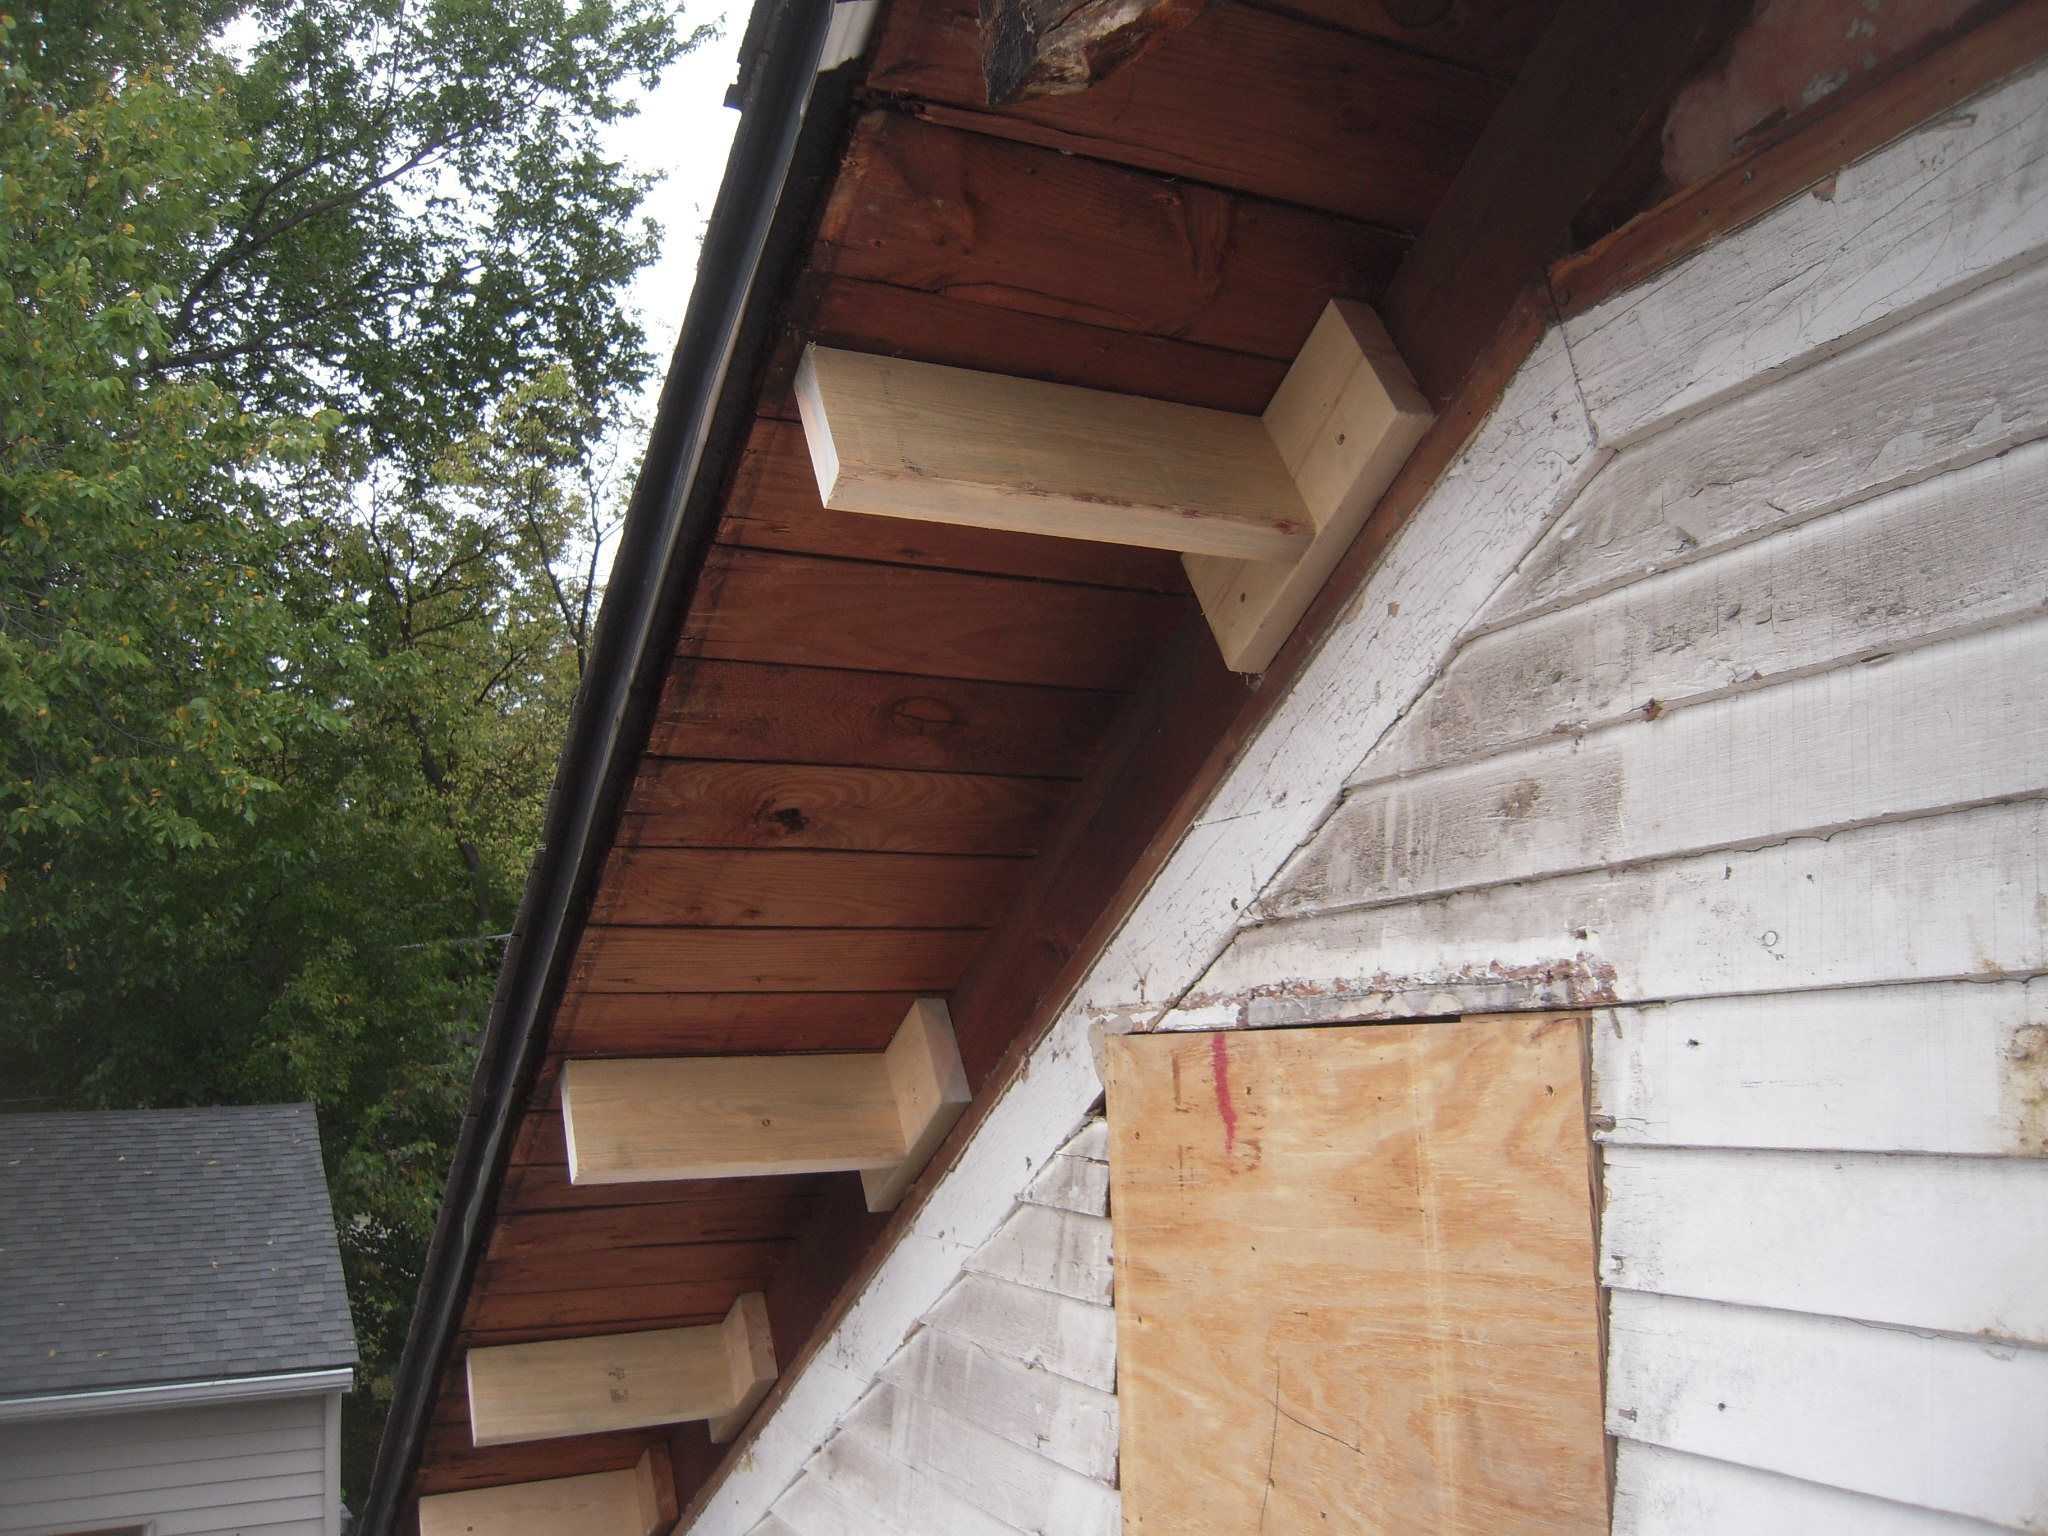 Exposed Ridge Beam Framing